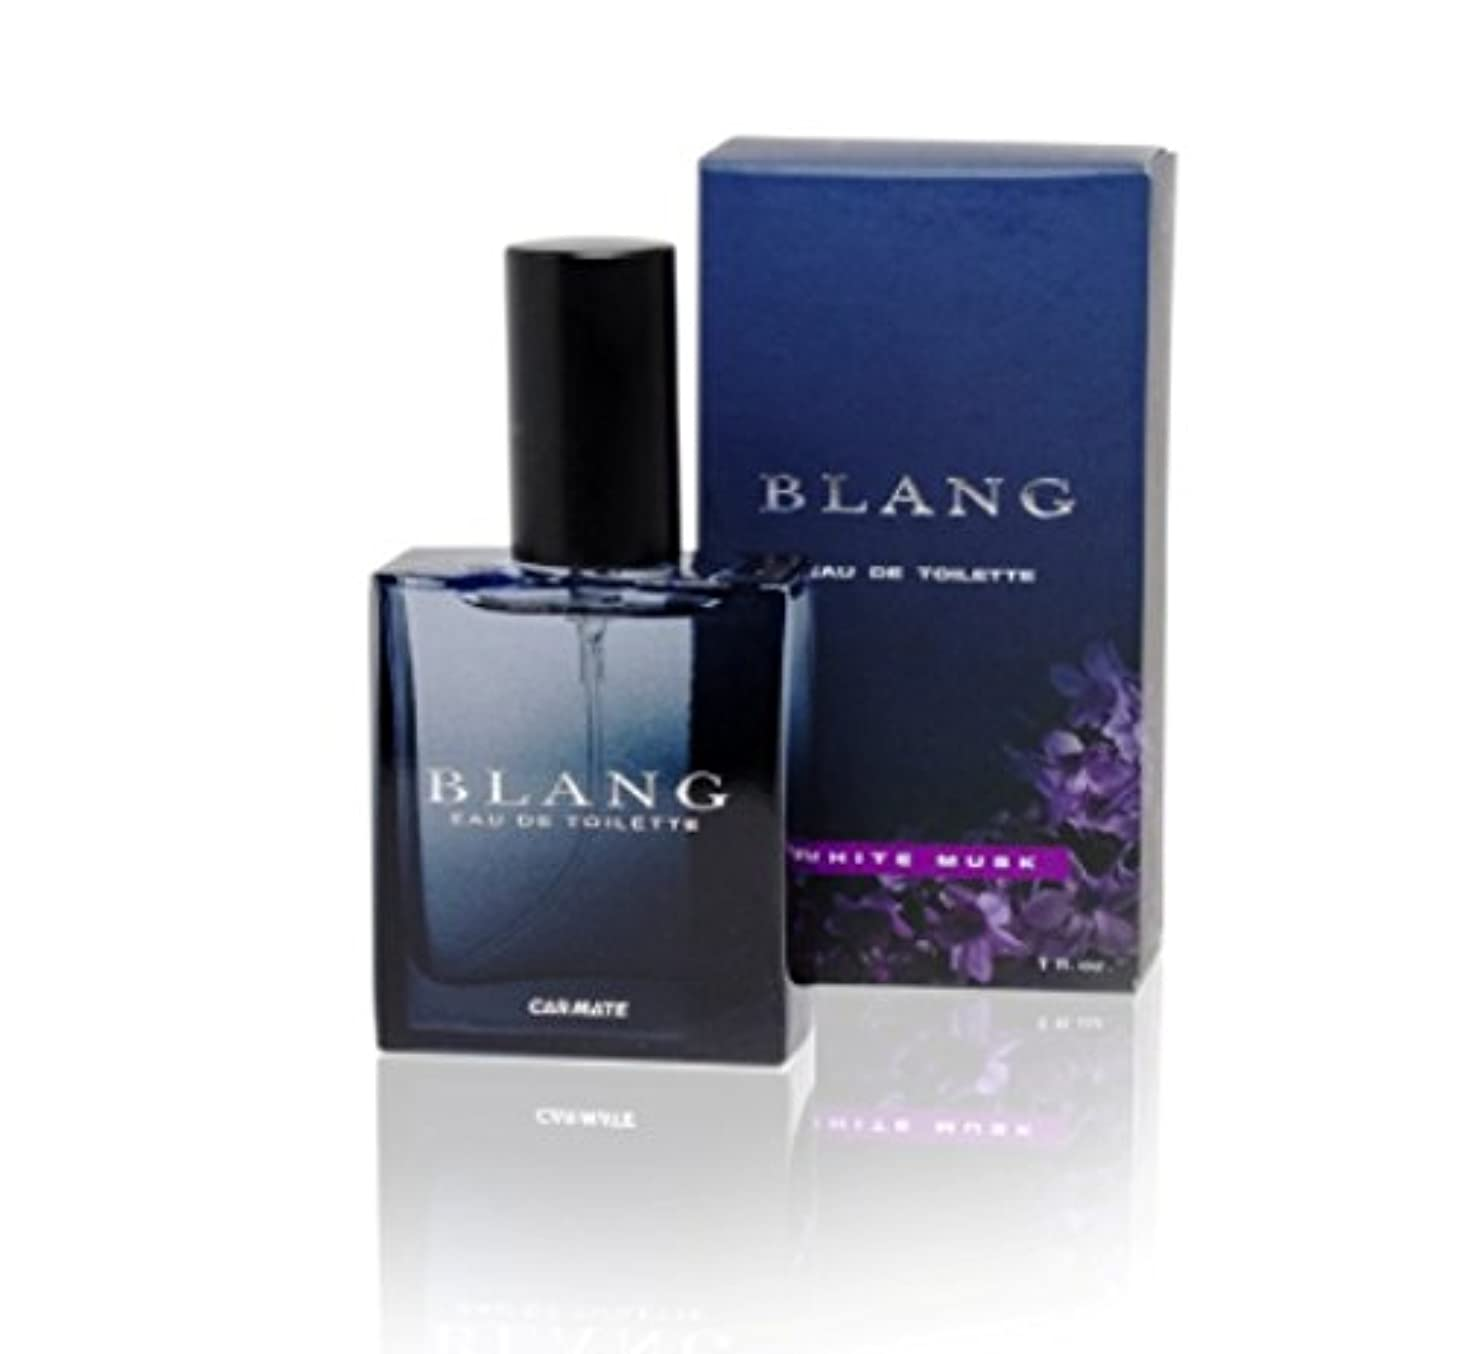 ステップ敬の念フェザーカーメイト 香水 芳香剤 ブラング オードトワレ 置き型 ホワイトムスク 販売ルート限定品 30ml L531